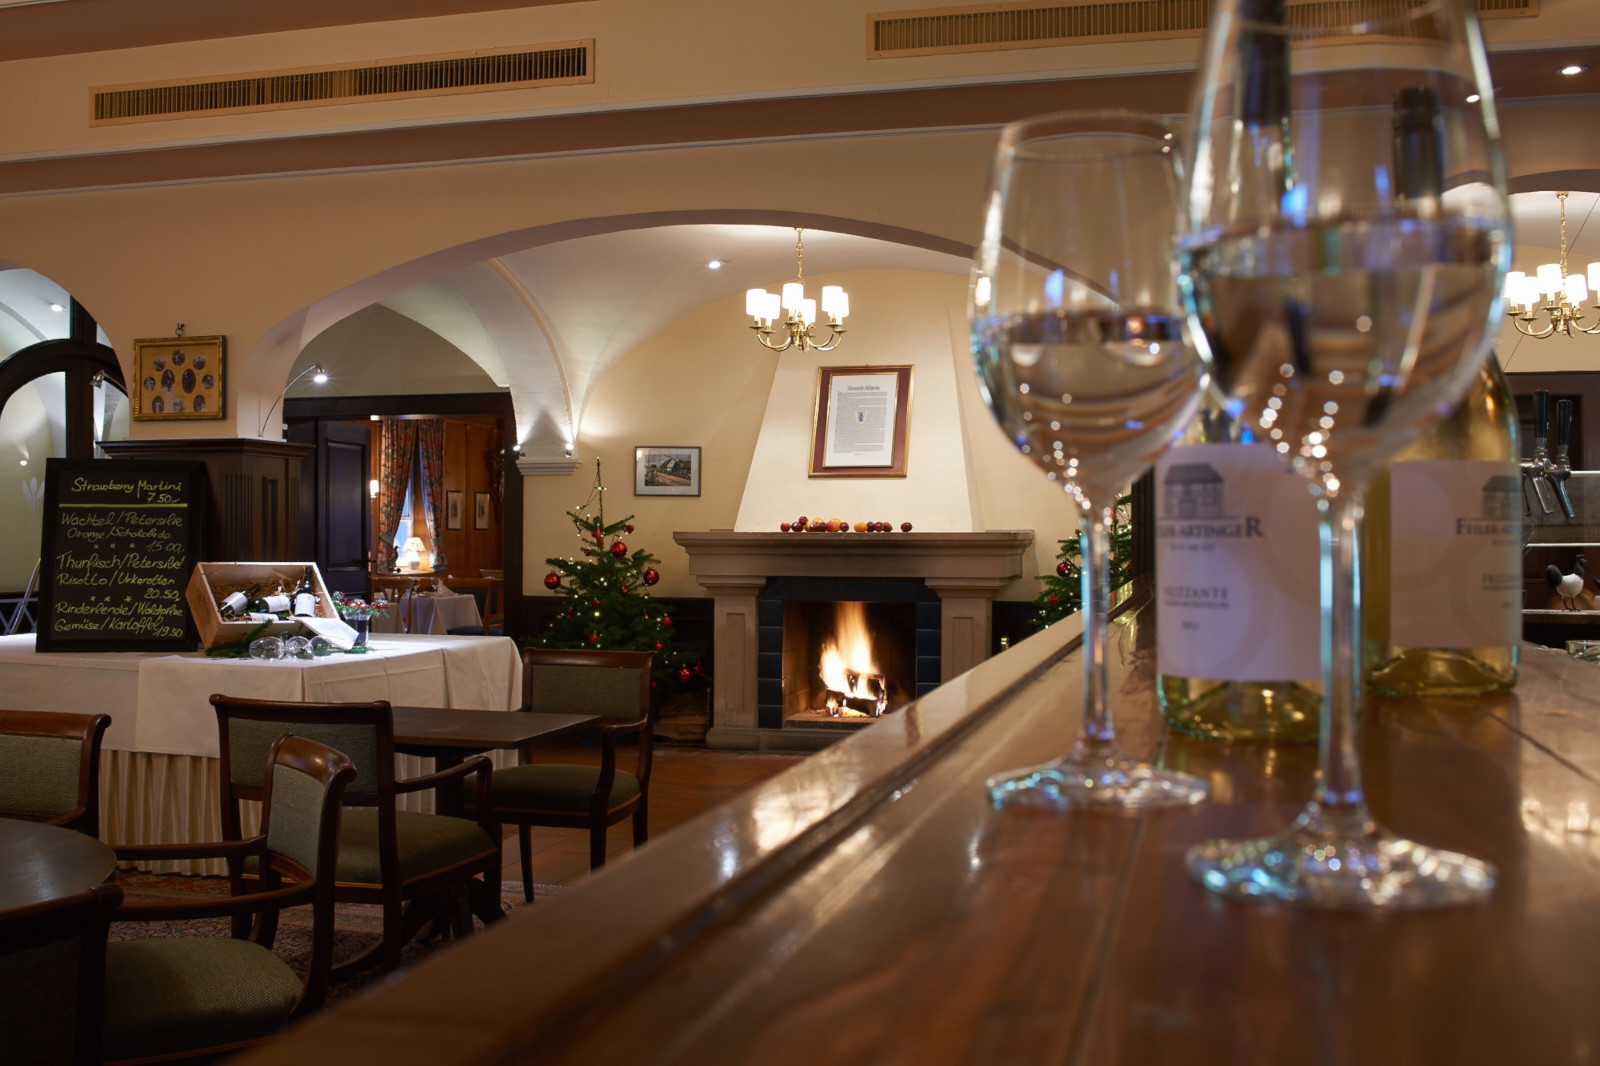 Schreiberhof Libertas Hotel Aschheim Innen